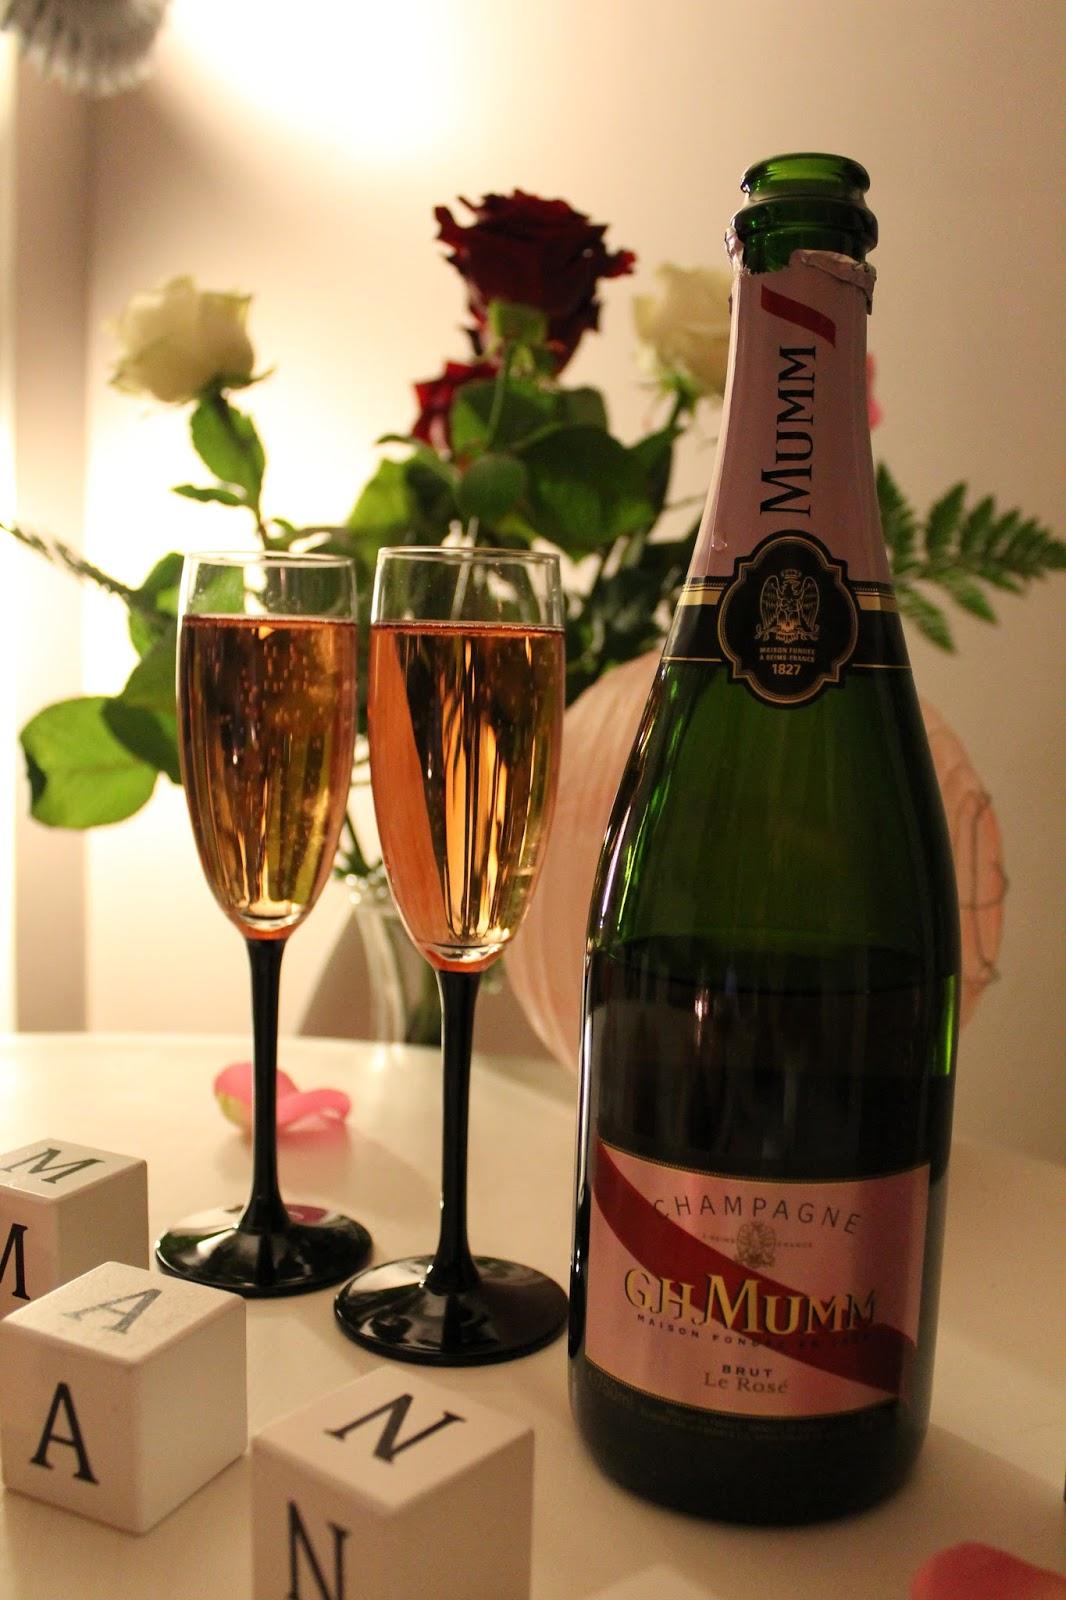 saint valentin coeur love amoureux valentines day gh mumm champagne rosé renato montagner edition limitée